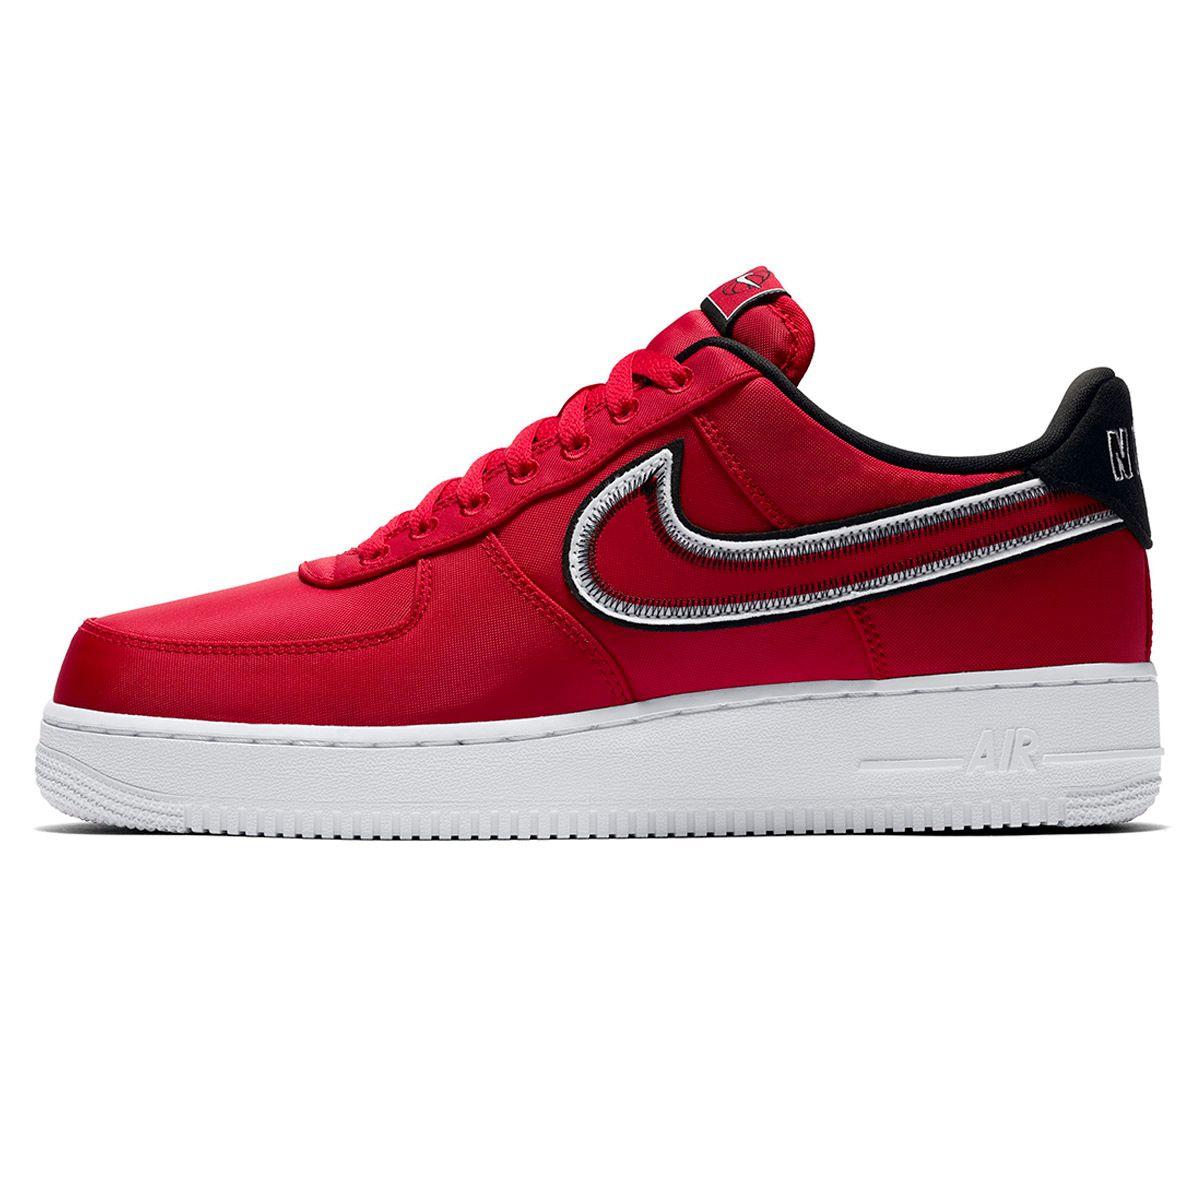 Fielmente comprador Crónico  Zapatillas Nike Air Force 1 07 Lv8 | Moov